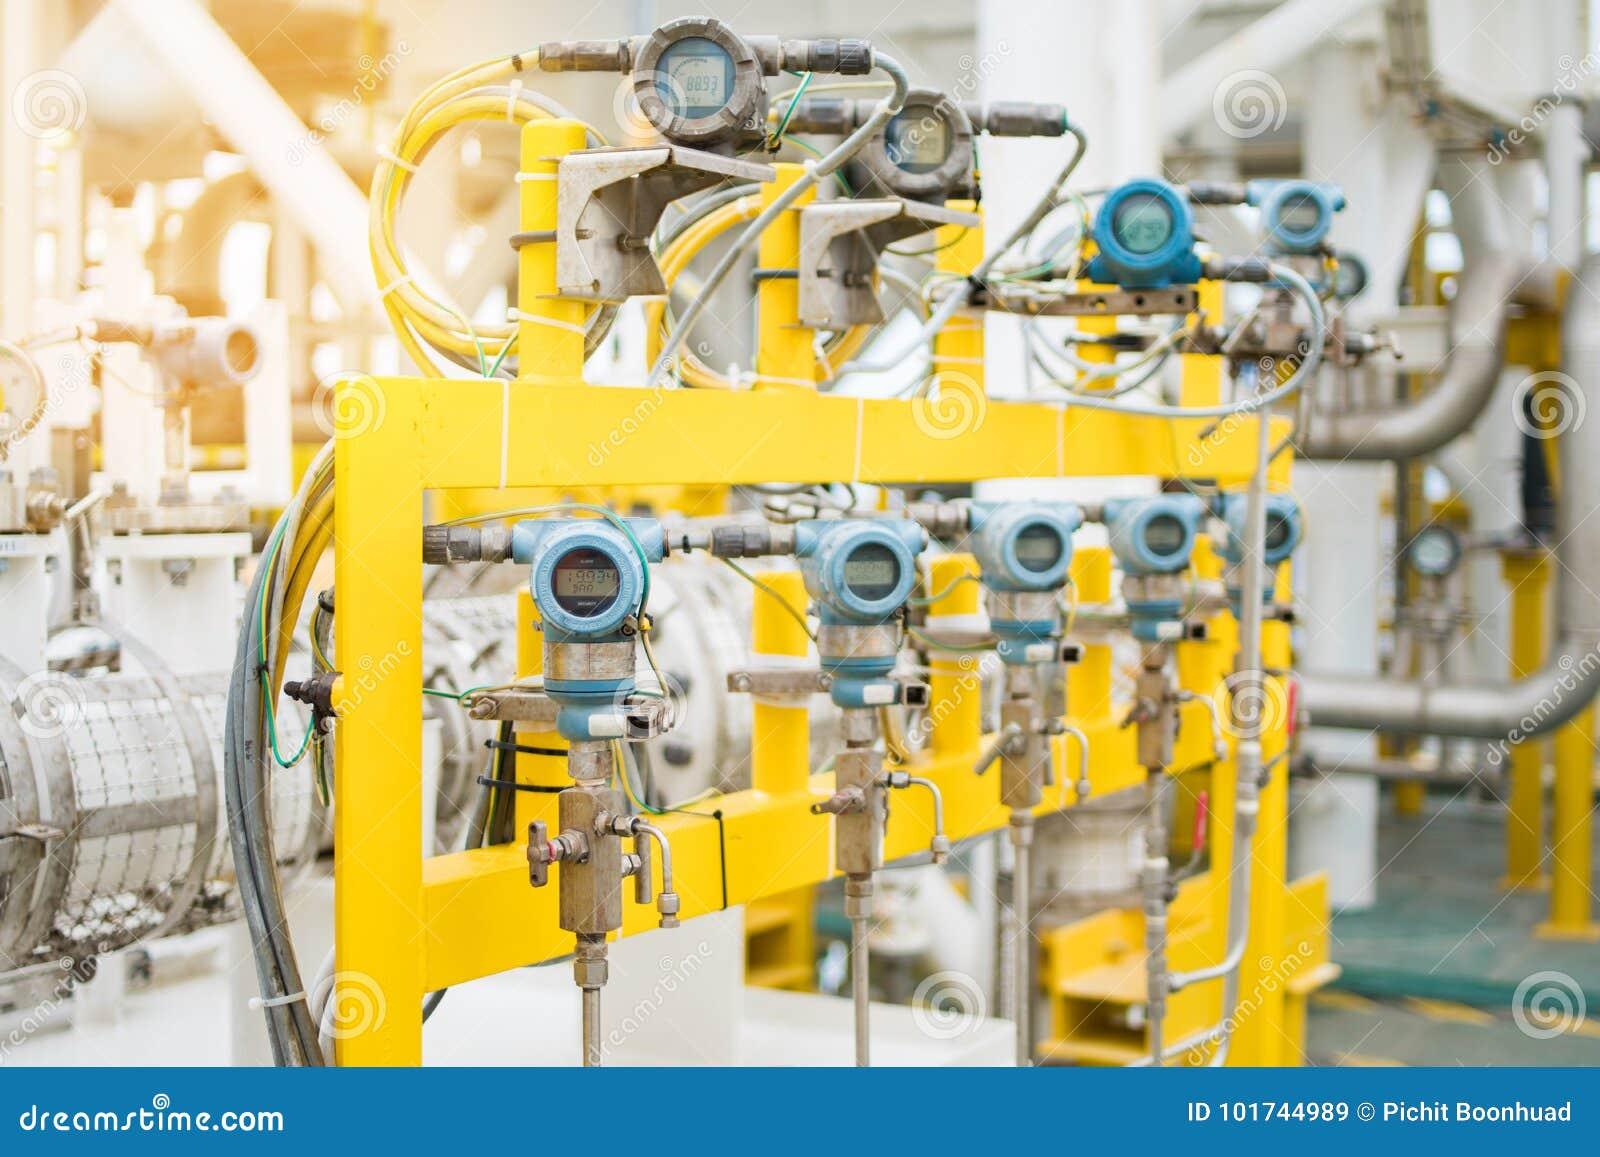 Pressão, temperatura, transmissor do diferencial e de fluxo para o monitor e valor de medição enviado ao controlador programável